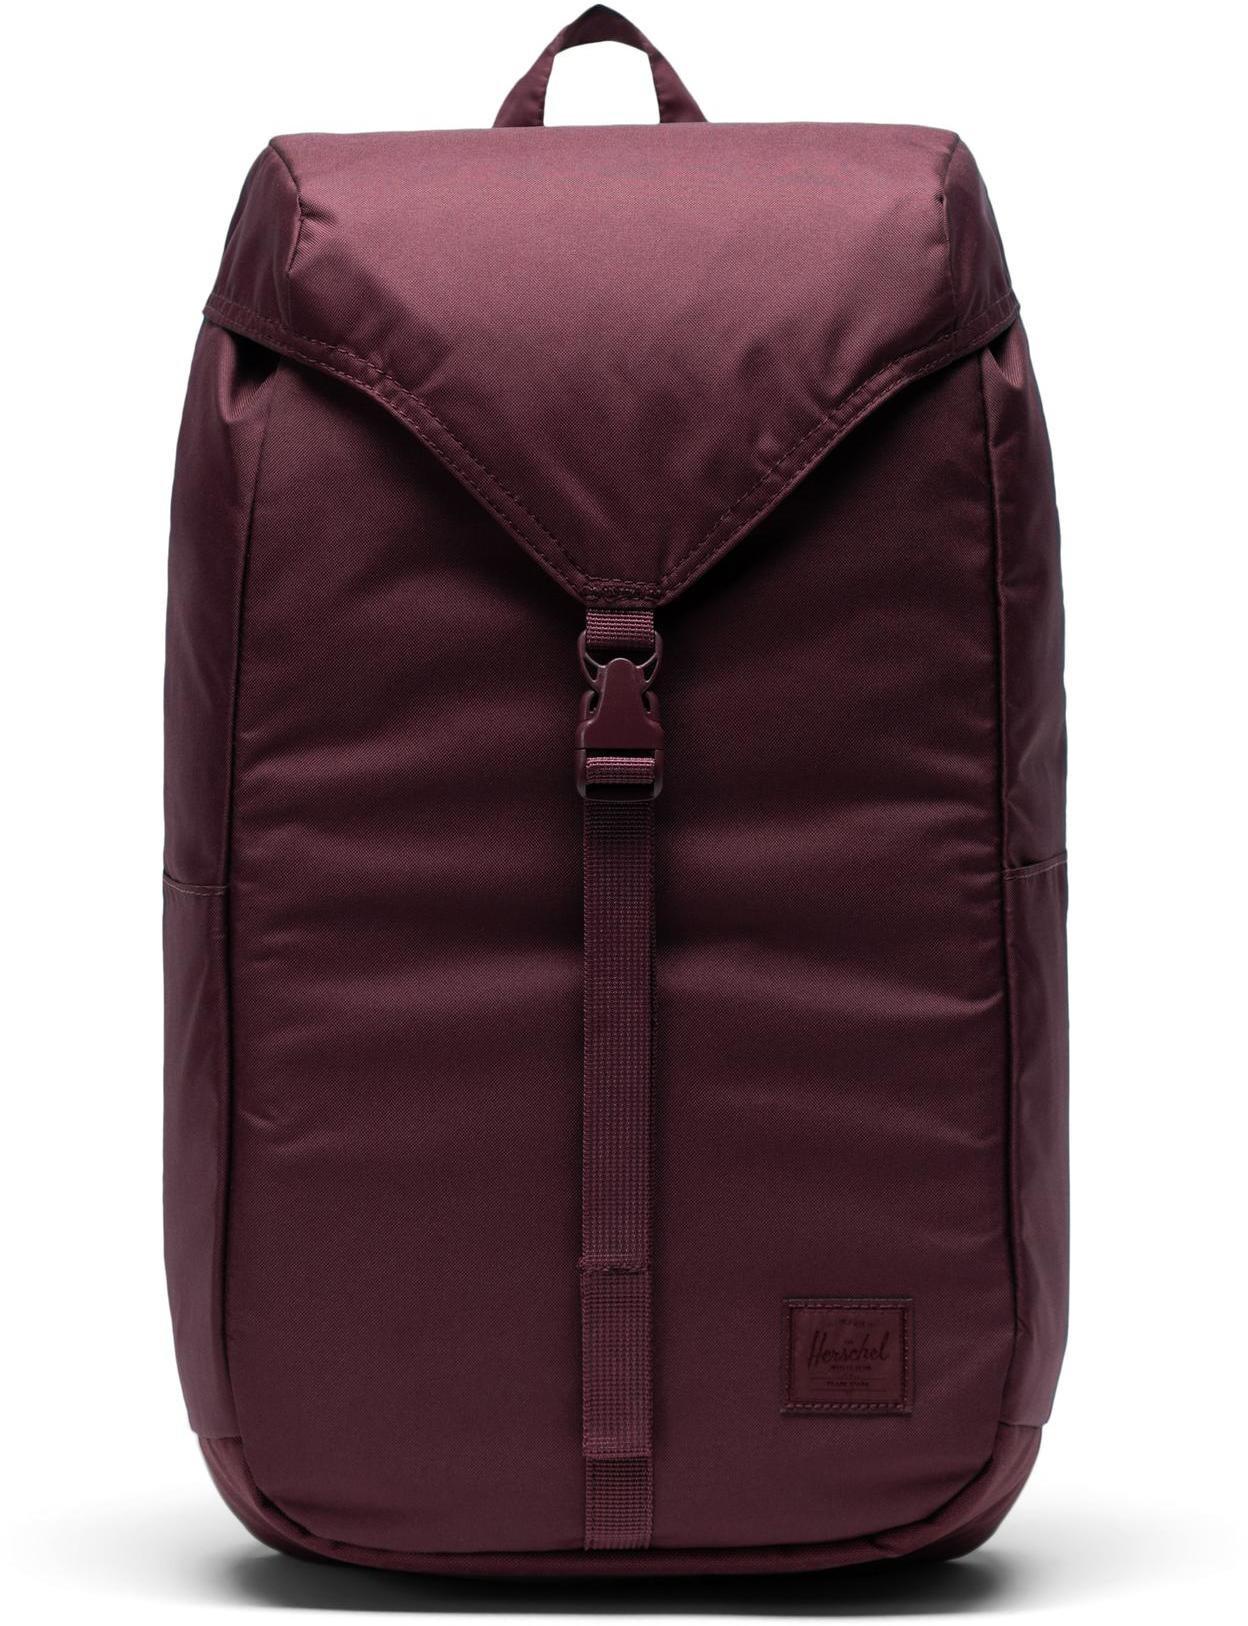 Herschel Thompson Light Backpack 17l, plum (2019)   Rygsæk og rejsetasker